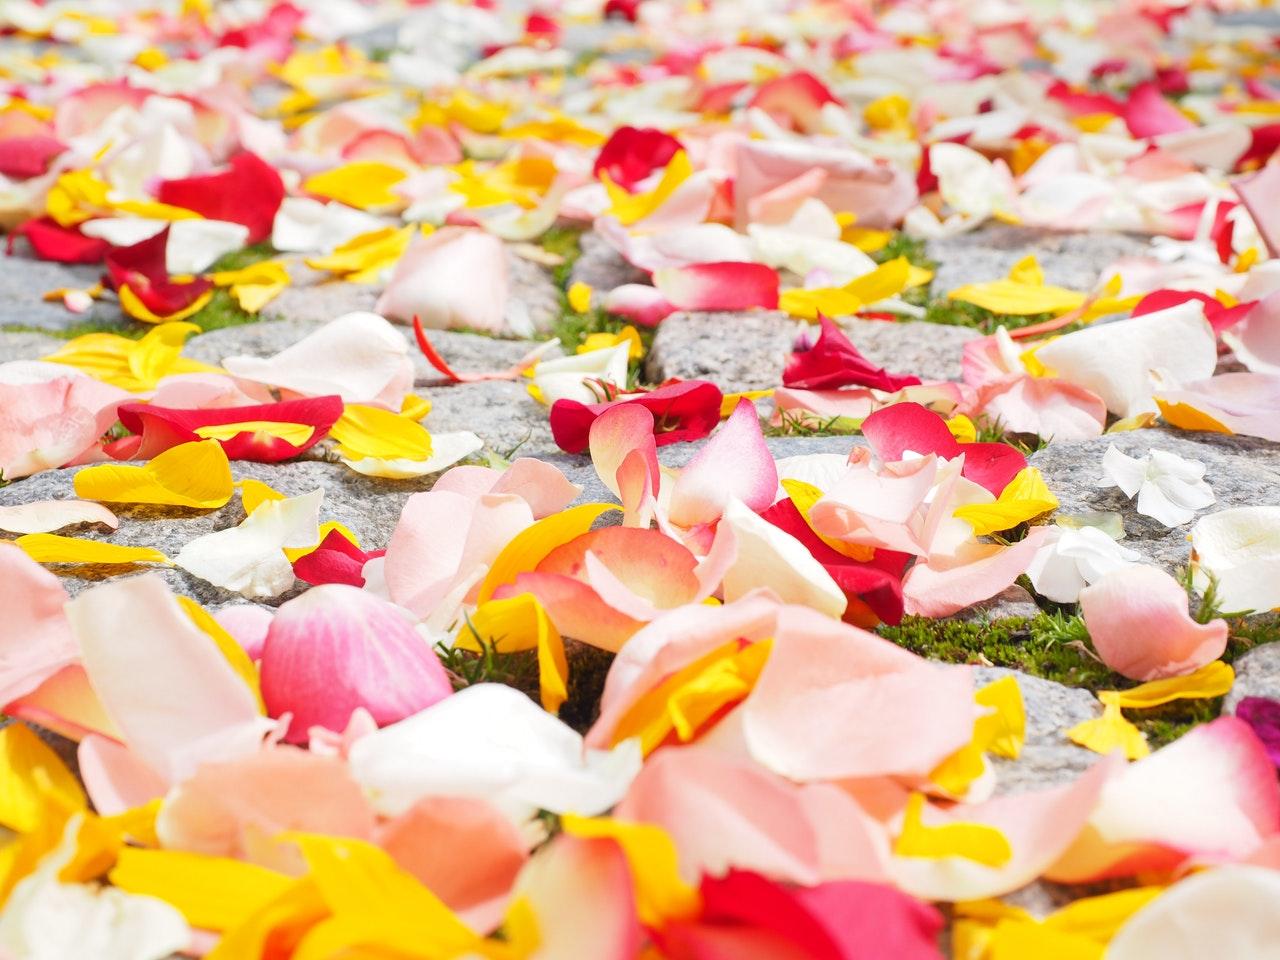 rose-petals-petals-wedding-red-37525.jpeg